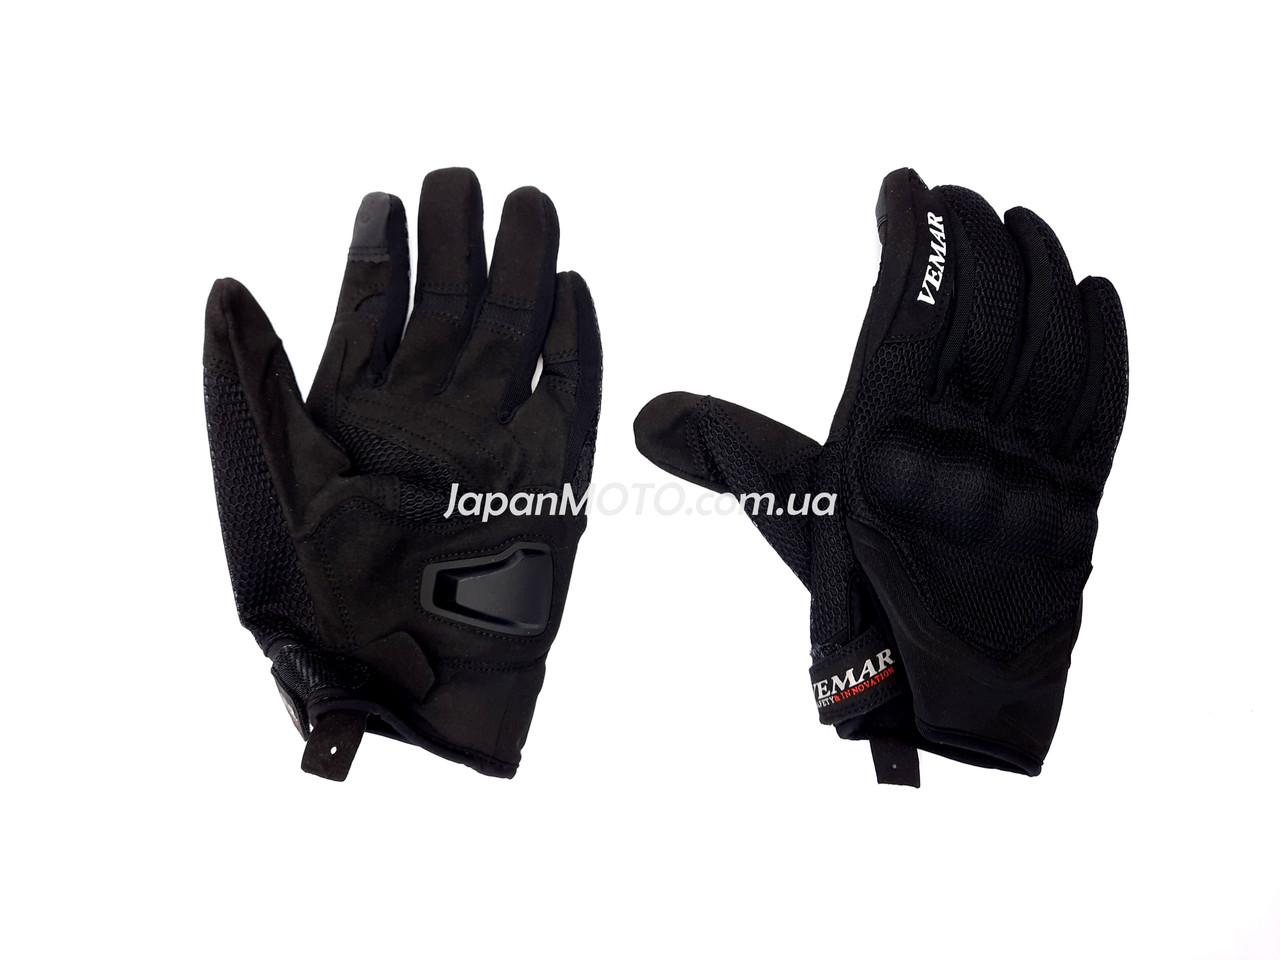 Перчатки VEMAR VE-173 сенсорный палец (size: XL, черные)